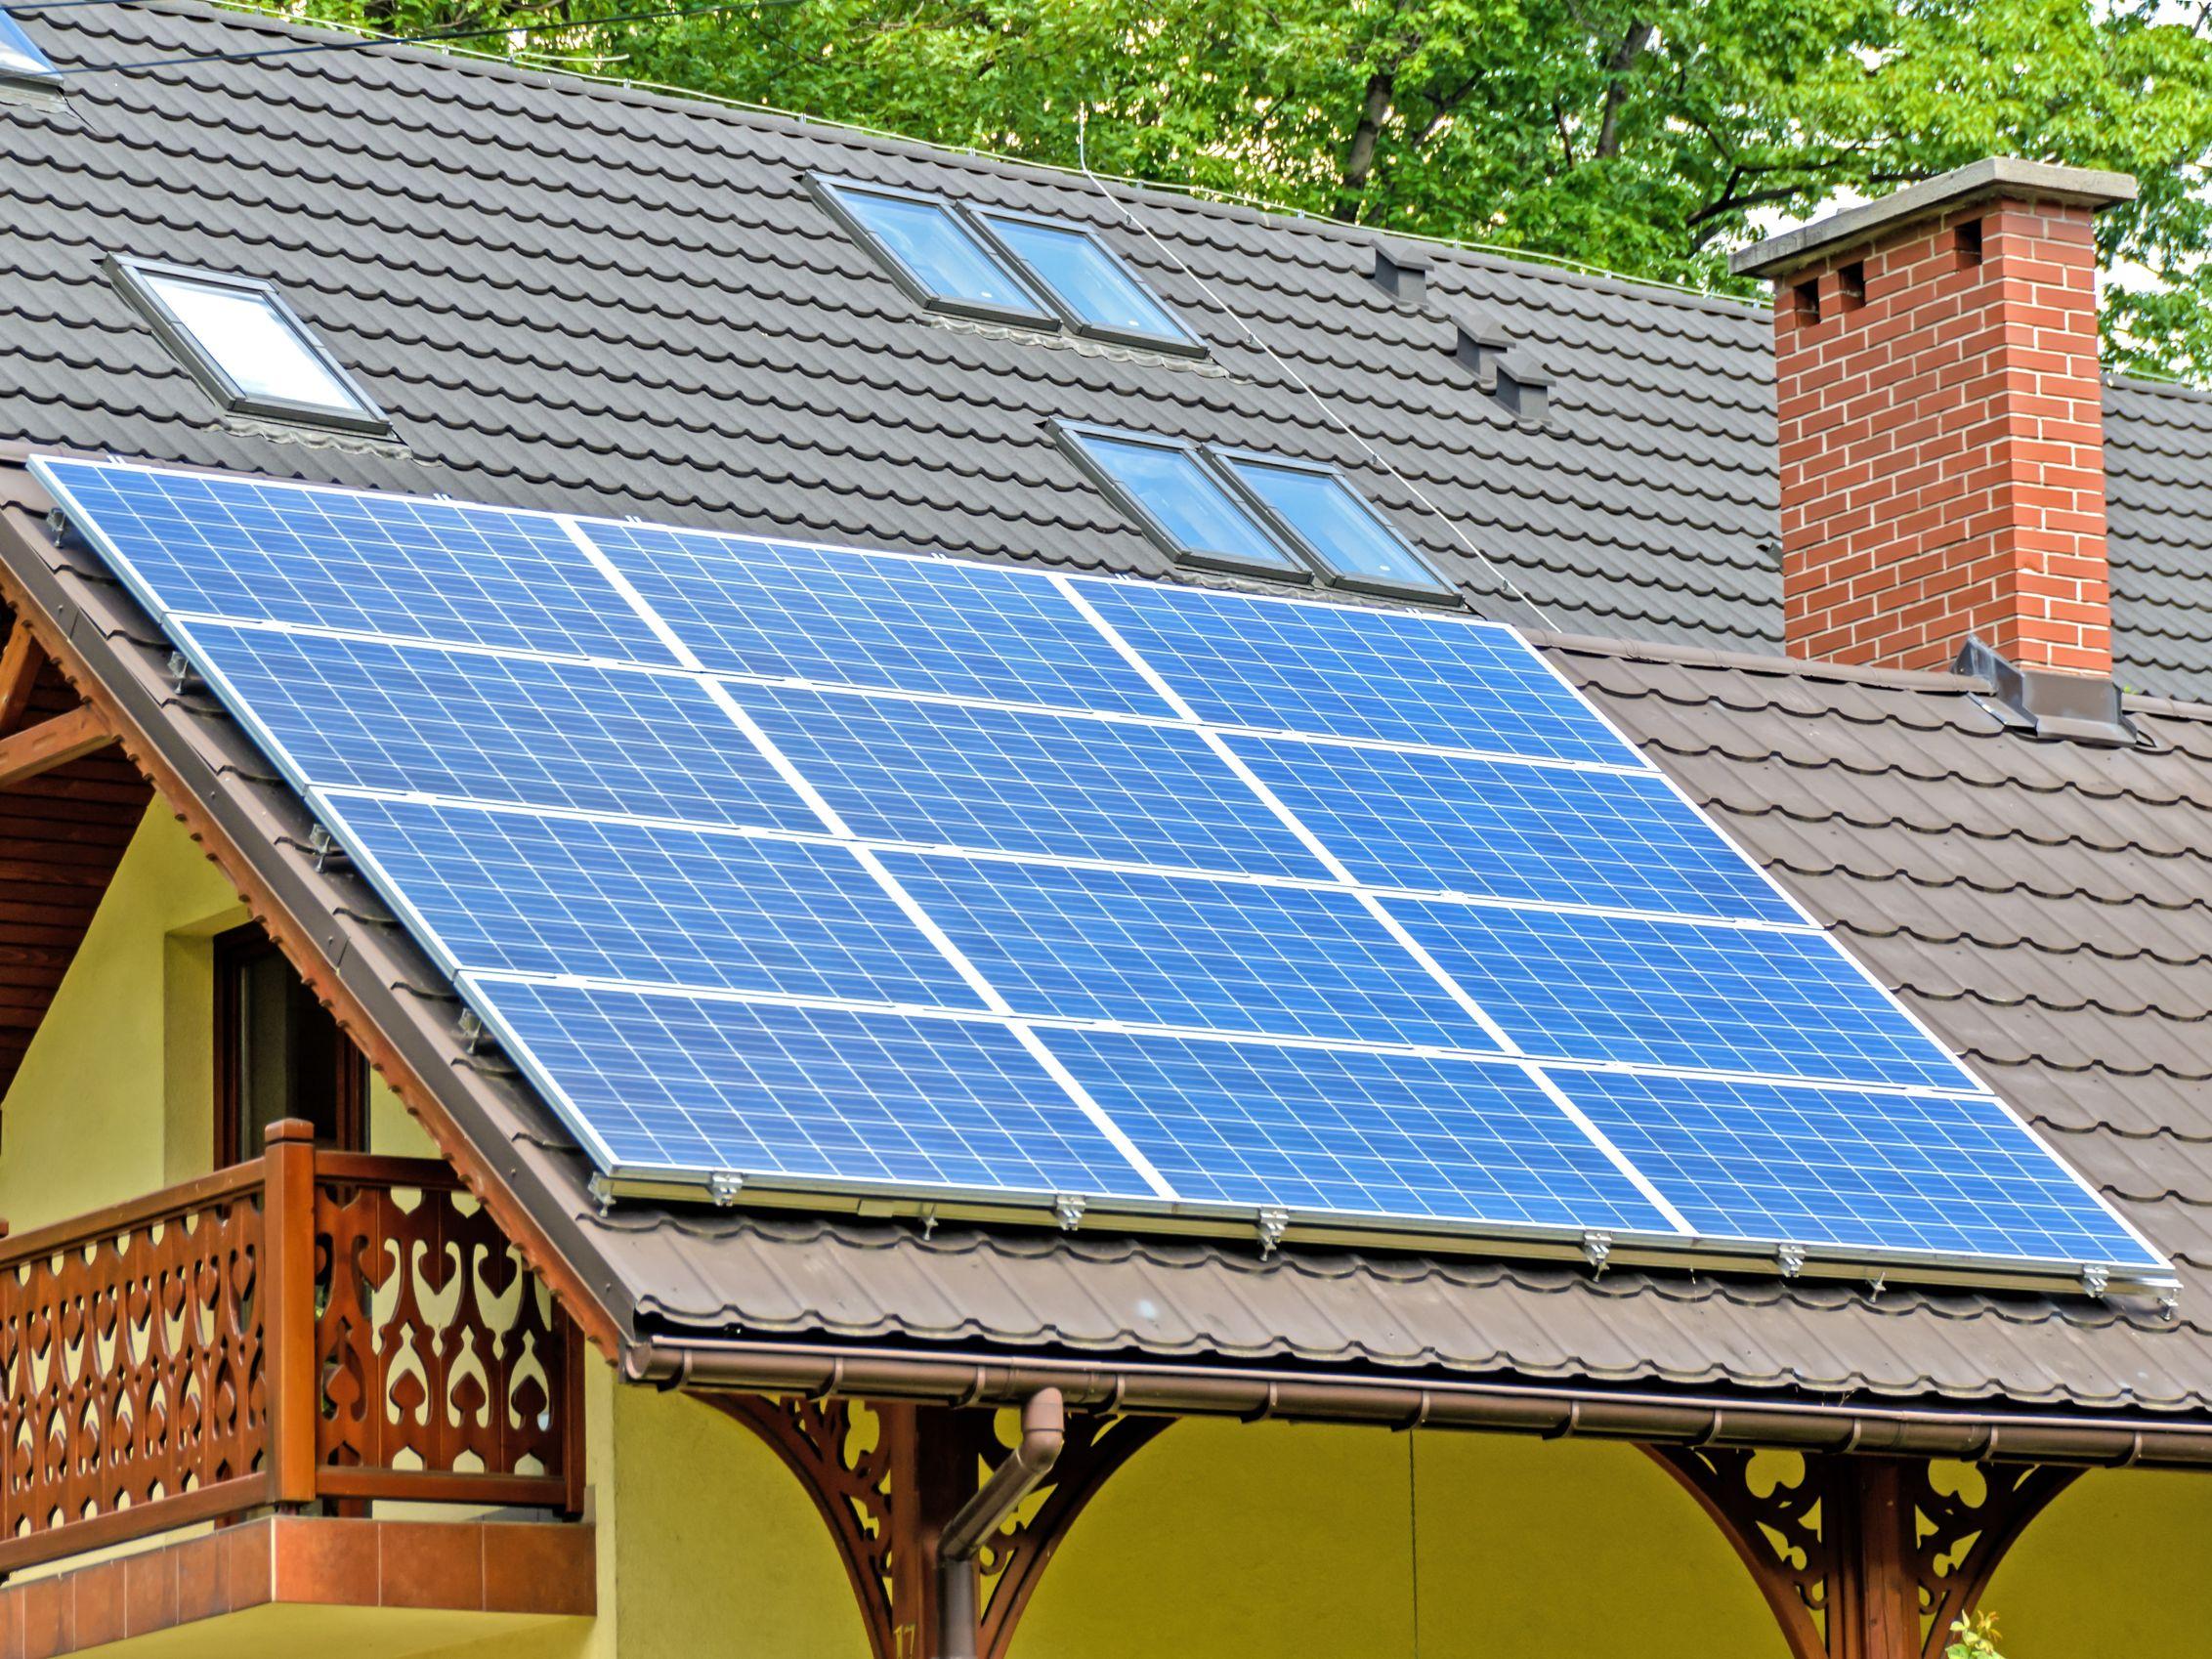 Schema Quadro Elettrico Per Fotovoltaico : Raccomandazioni per un impianto fotovoltaico sicuro elettro